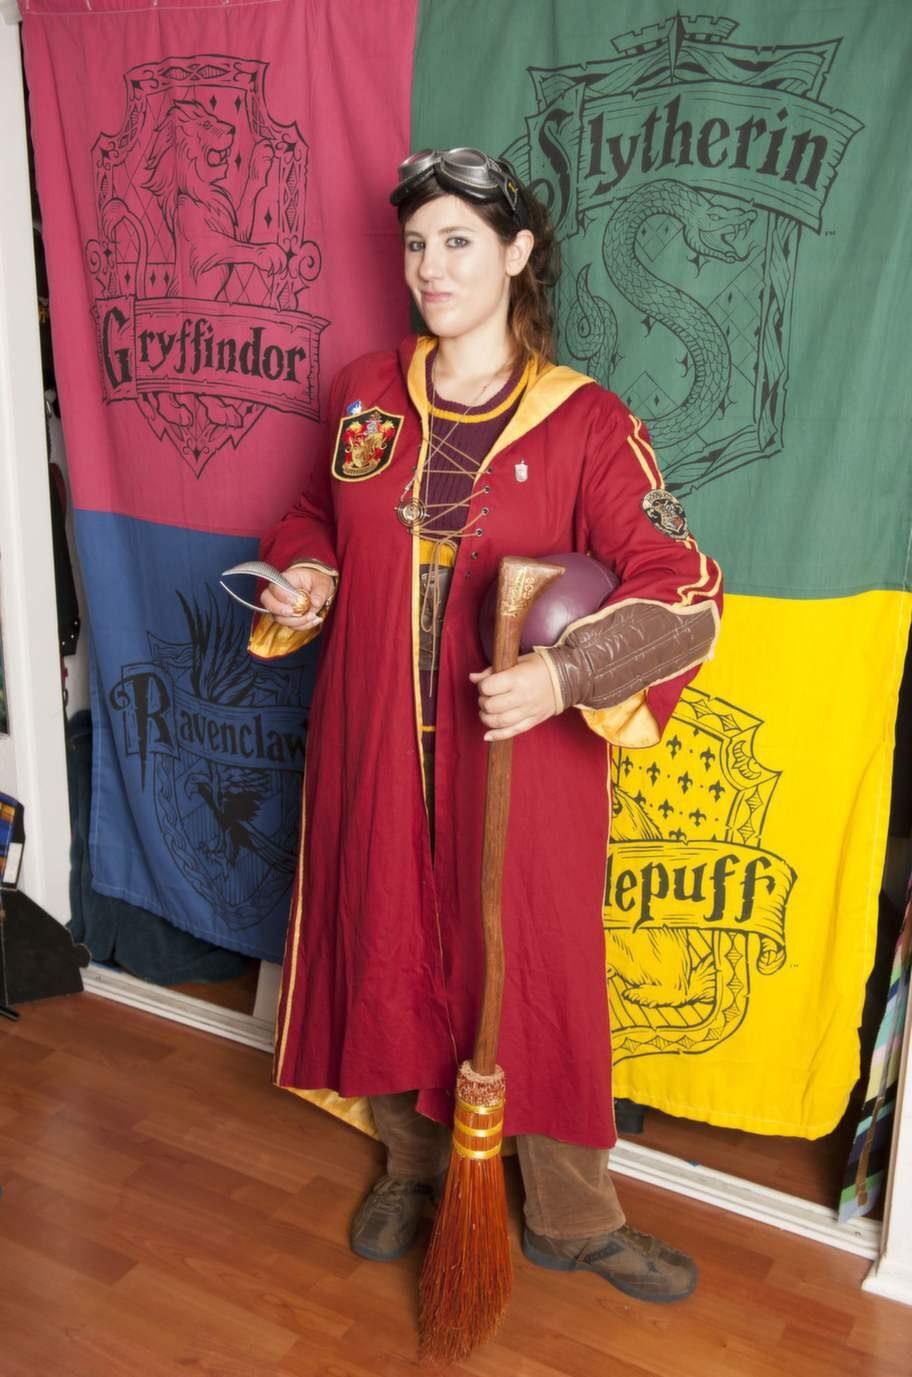 26-åringen har självklart en garderob full av quidditch-kläder. Quidditch är en fiktig bollsport från Harry Potter-böckerna.